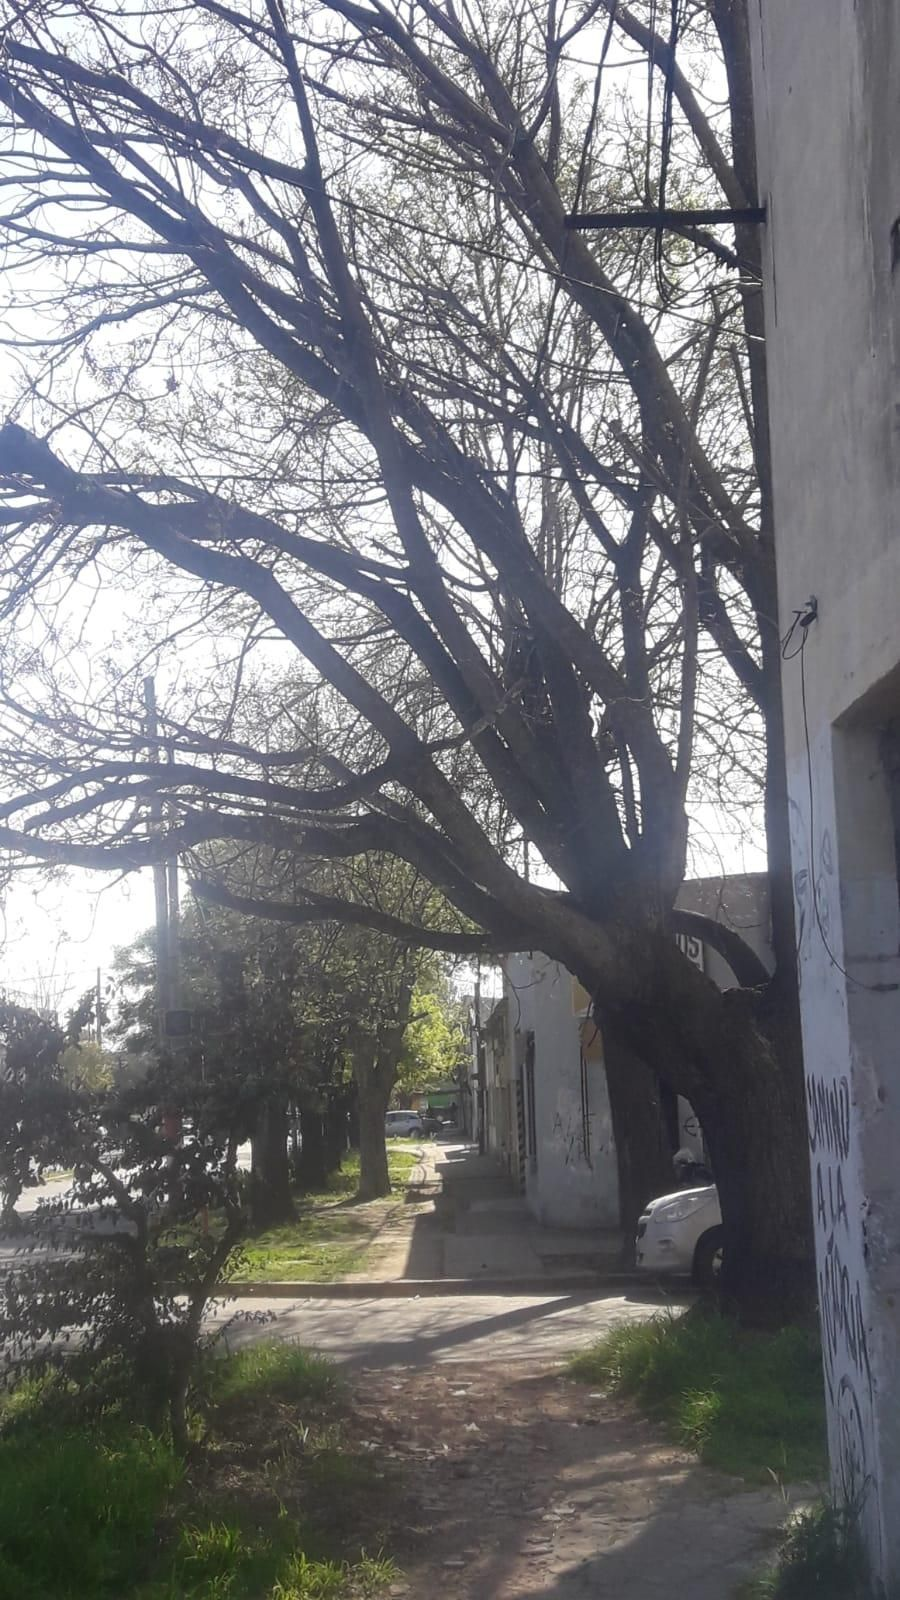 Piden despunte de un árbol en la esquina de 121 y 72